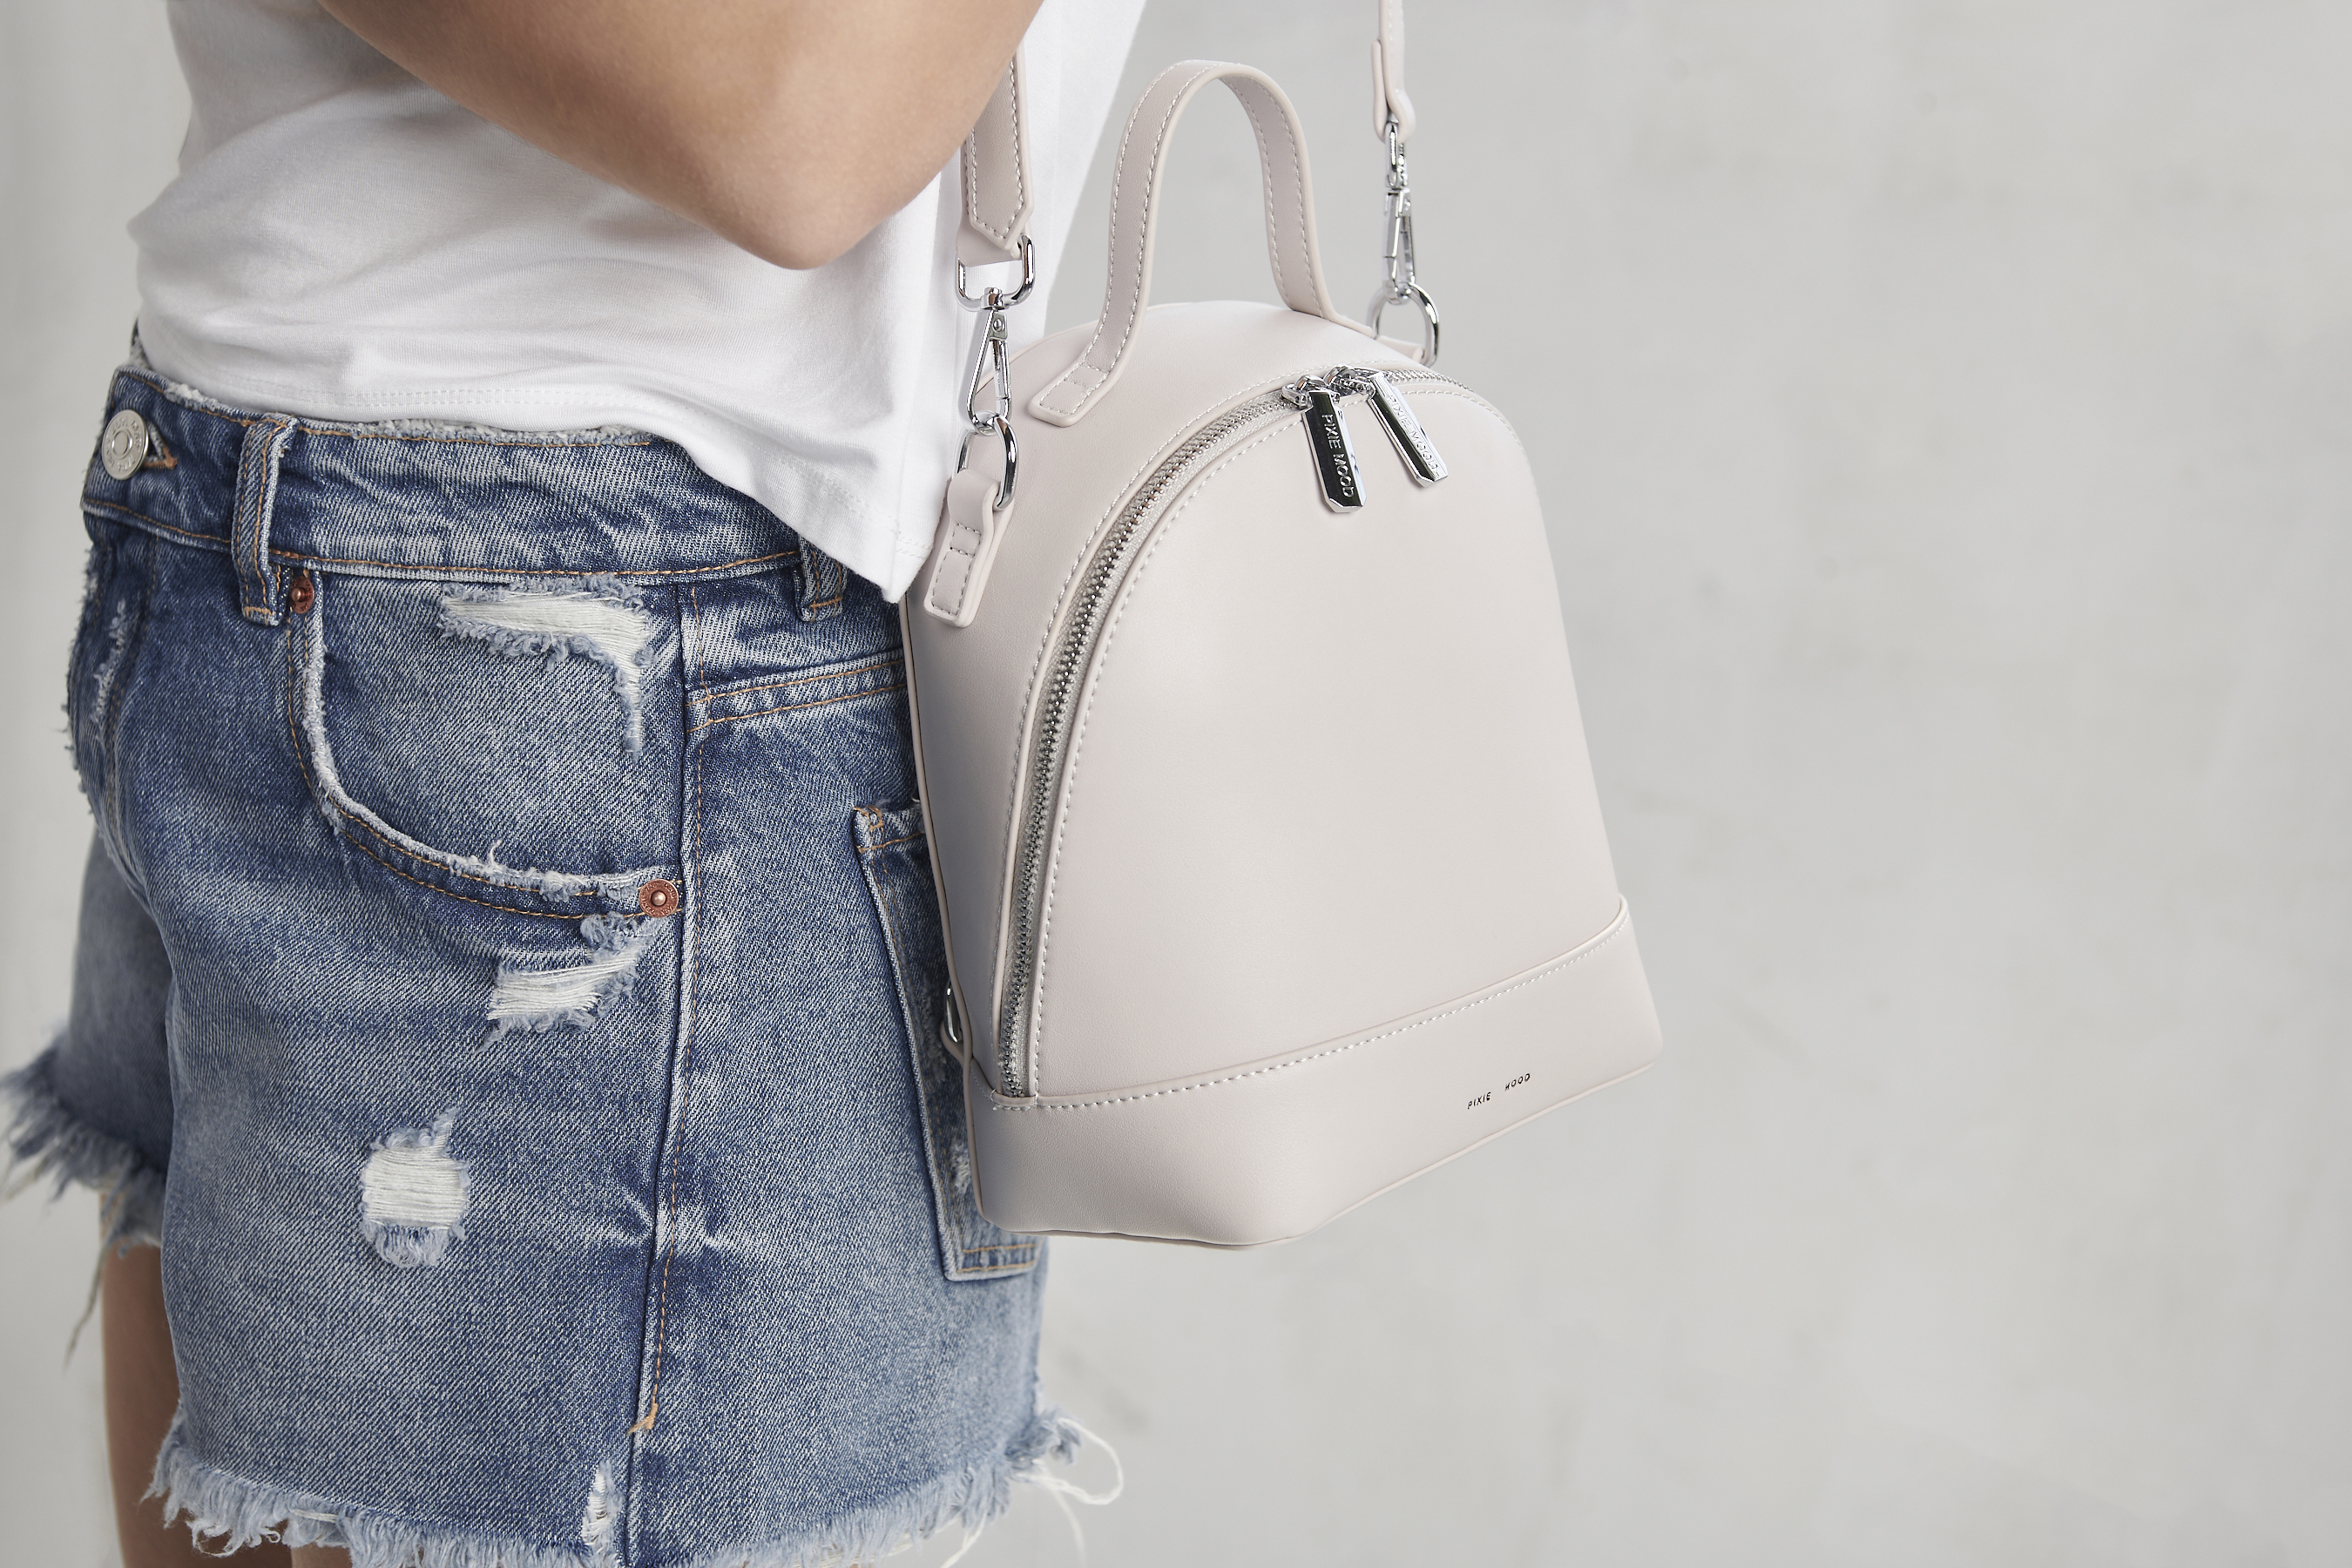 cora-backpack-small-1.jpg